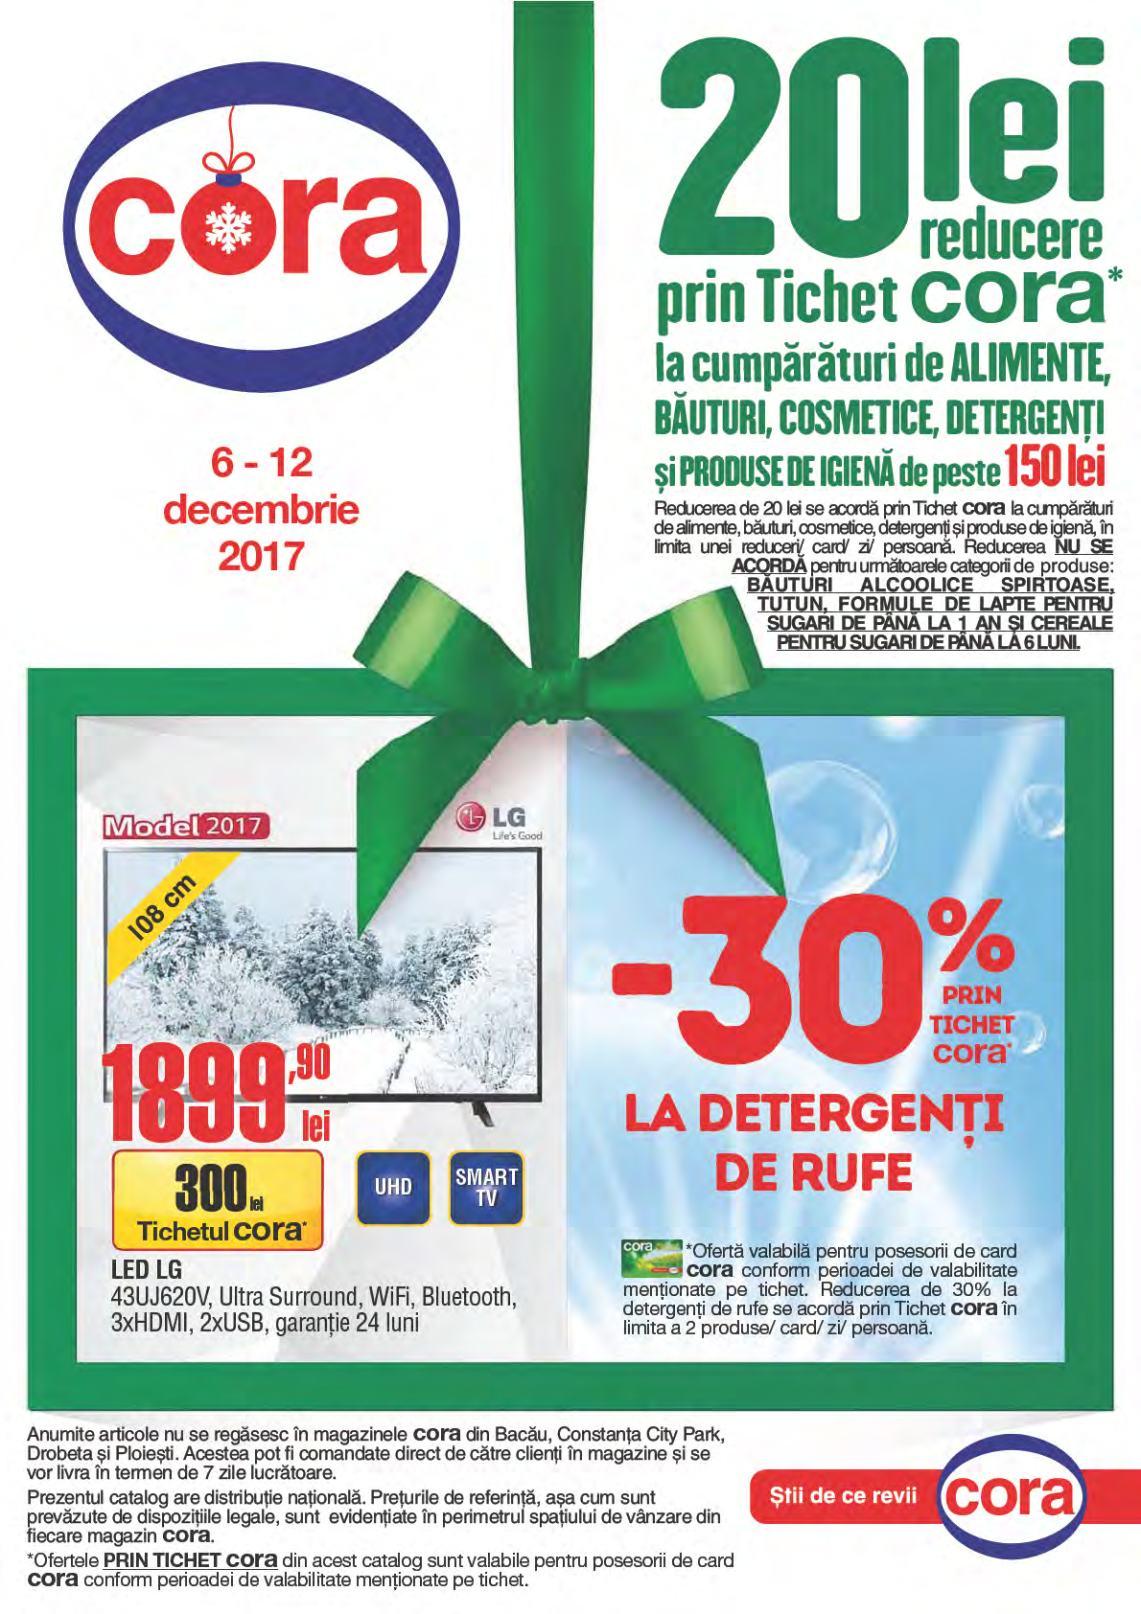 Catalog Cora 6 decembrie - 12 decembrie 2017. Produse alimentare